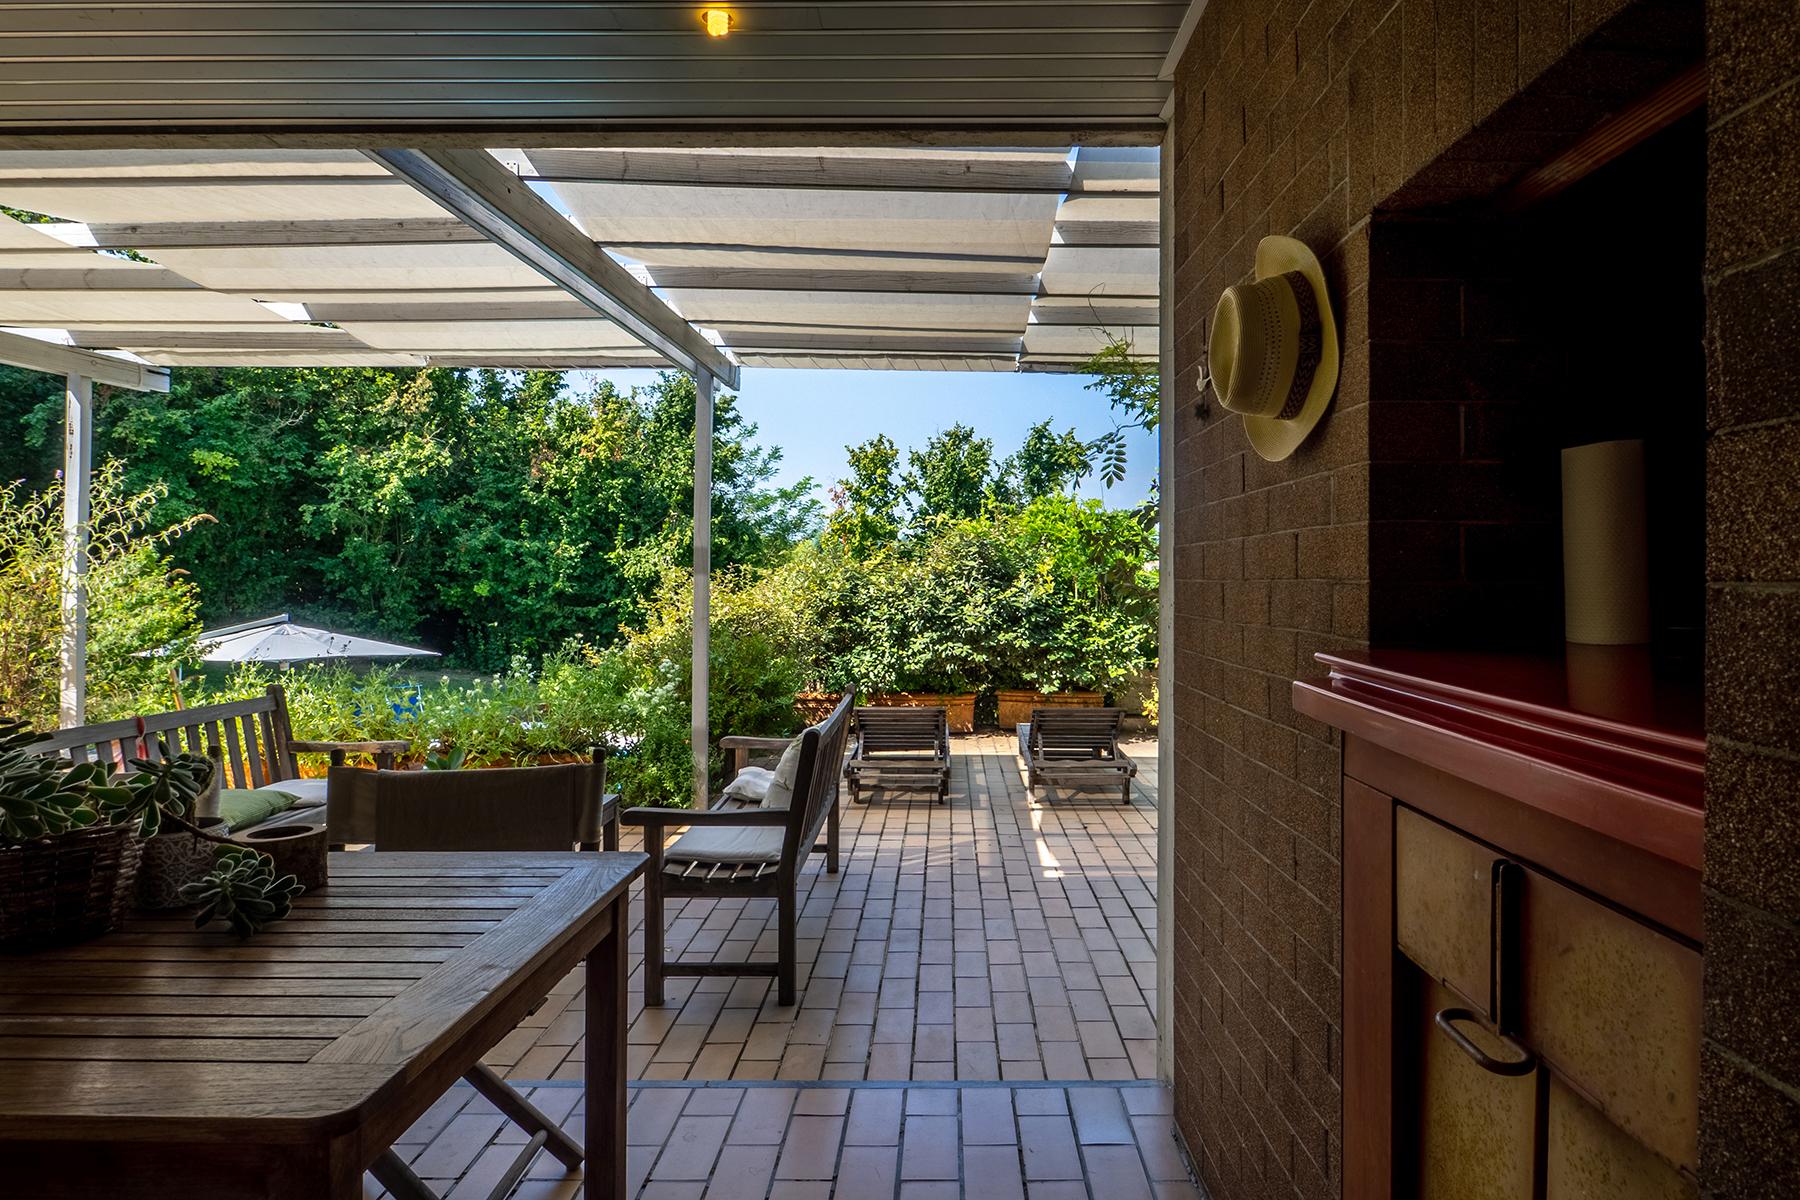 Casa indipendente in Vendita a Rosignano Monferrato: 5 locali, 290 mq - Foto 28